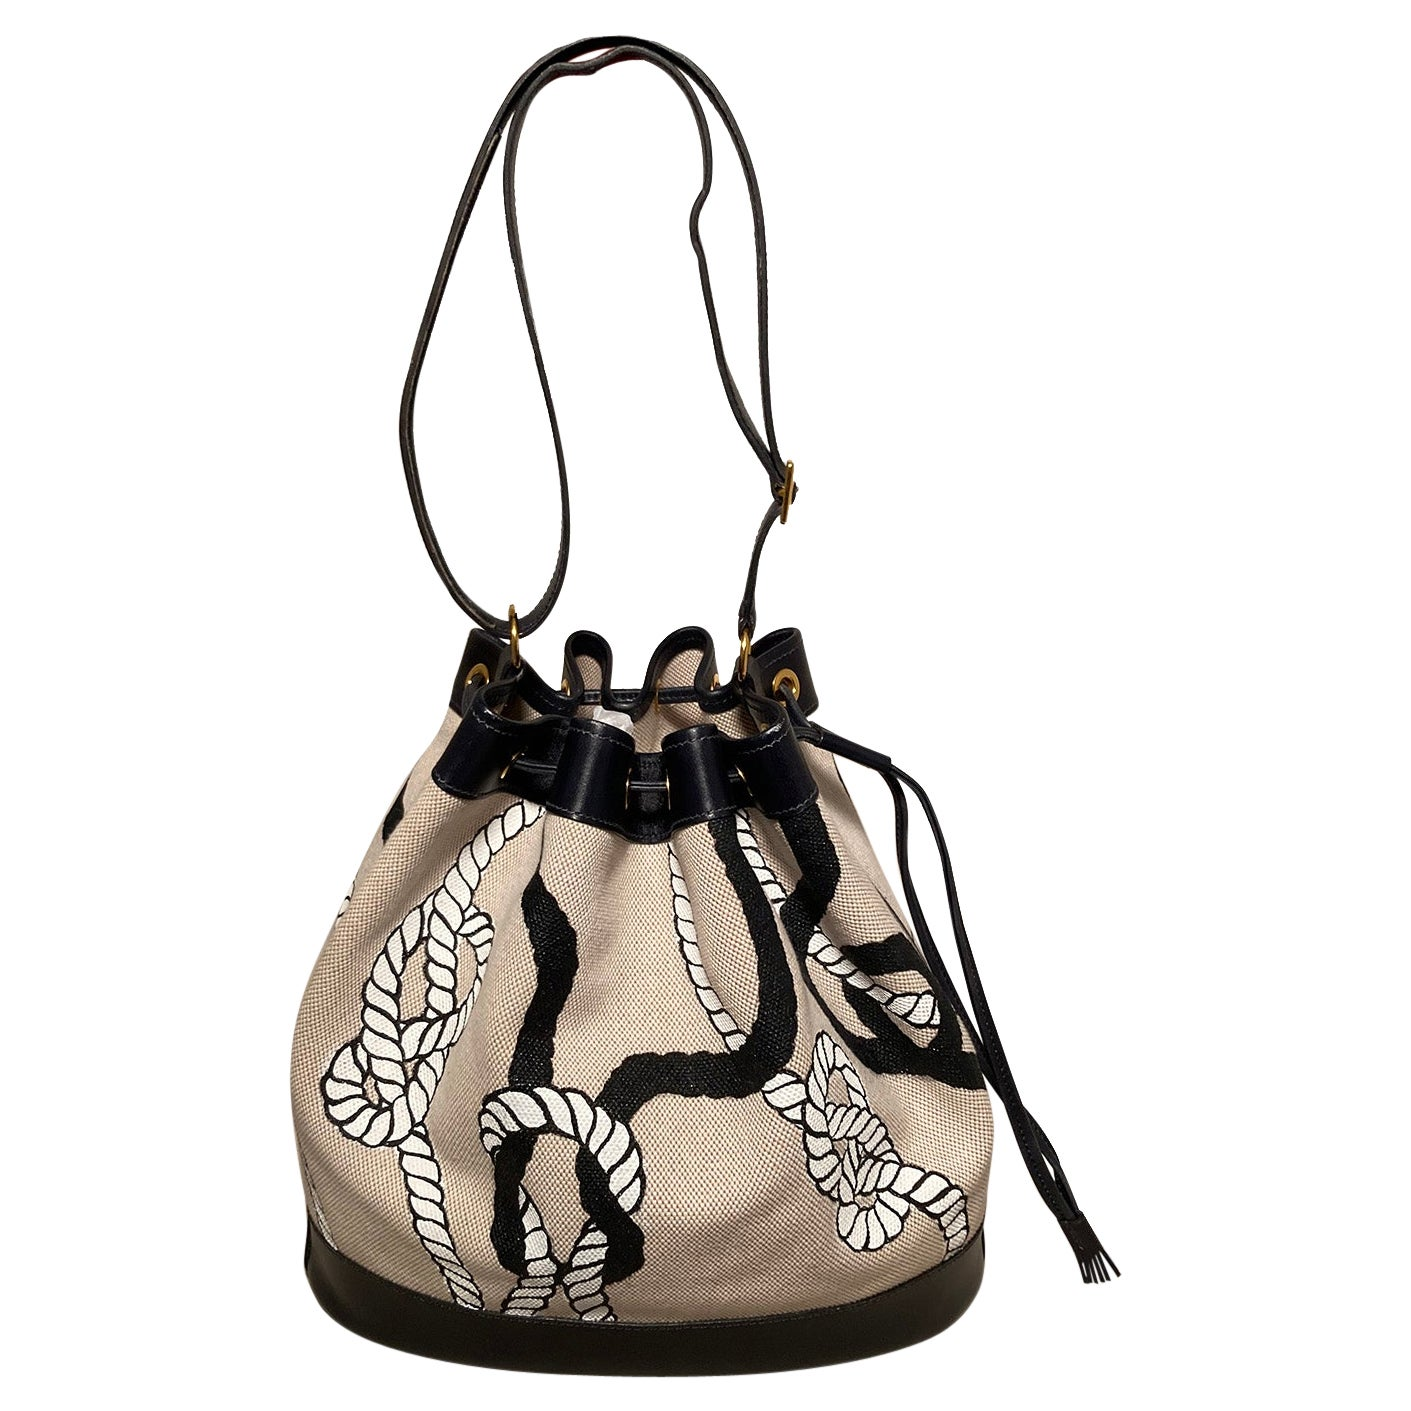 Hermes Vintage Drawstring Bucket Bag Hand Painted